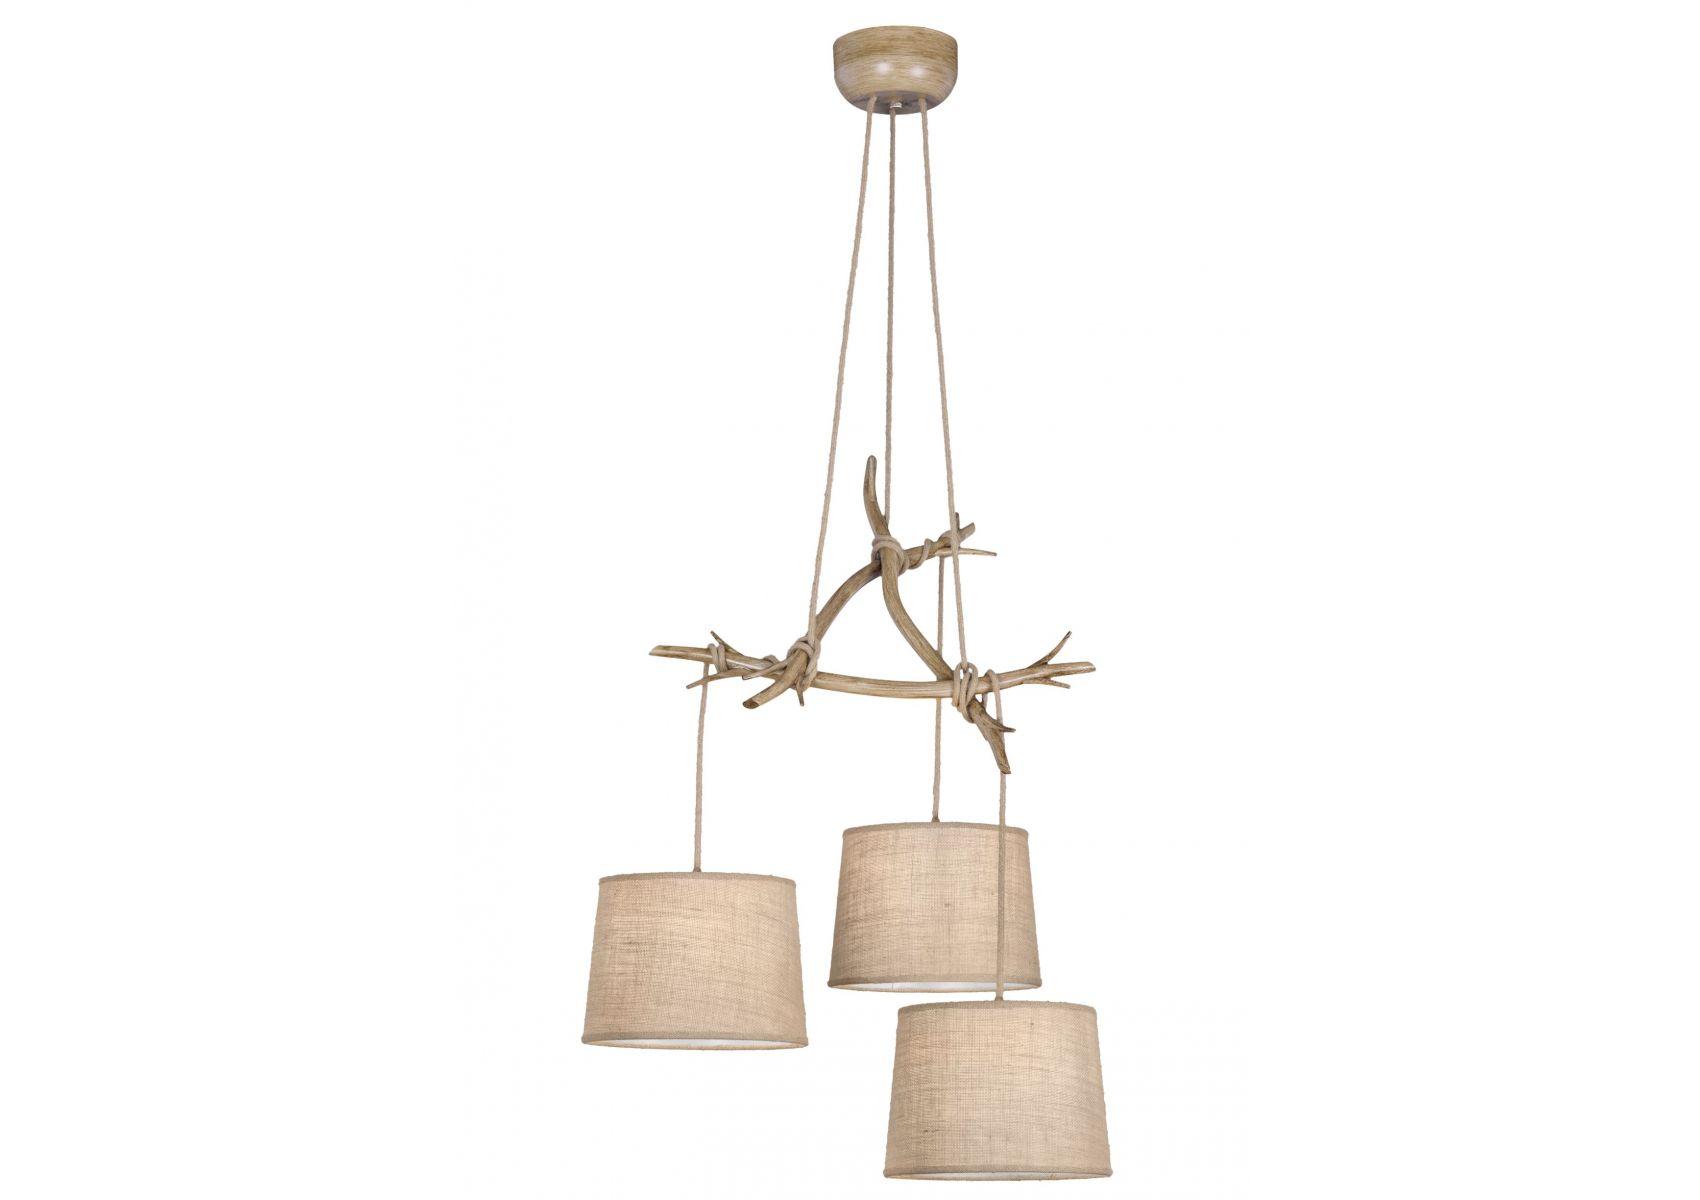 suspension rustique 3 lampes sabina mantra. Black Bedroom Furniture Sets. Home Design Ideas